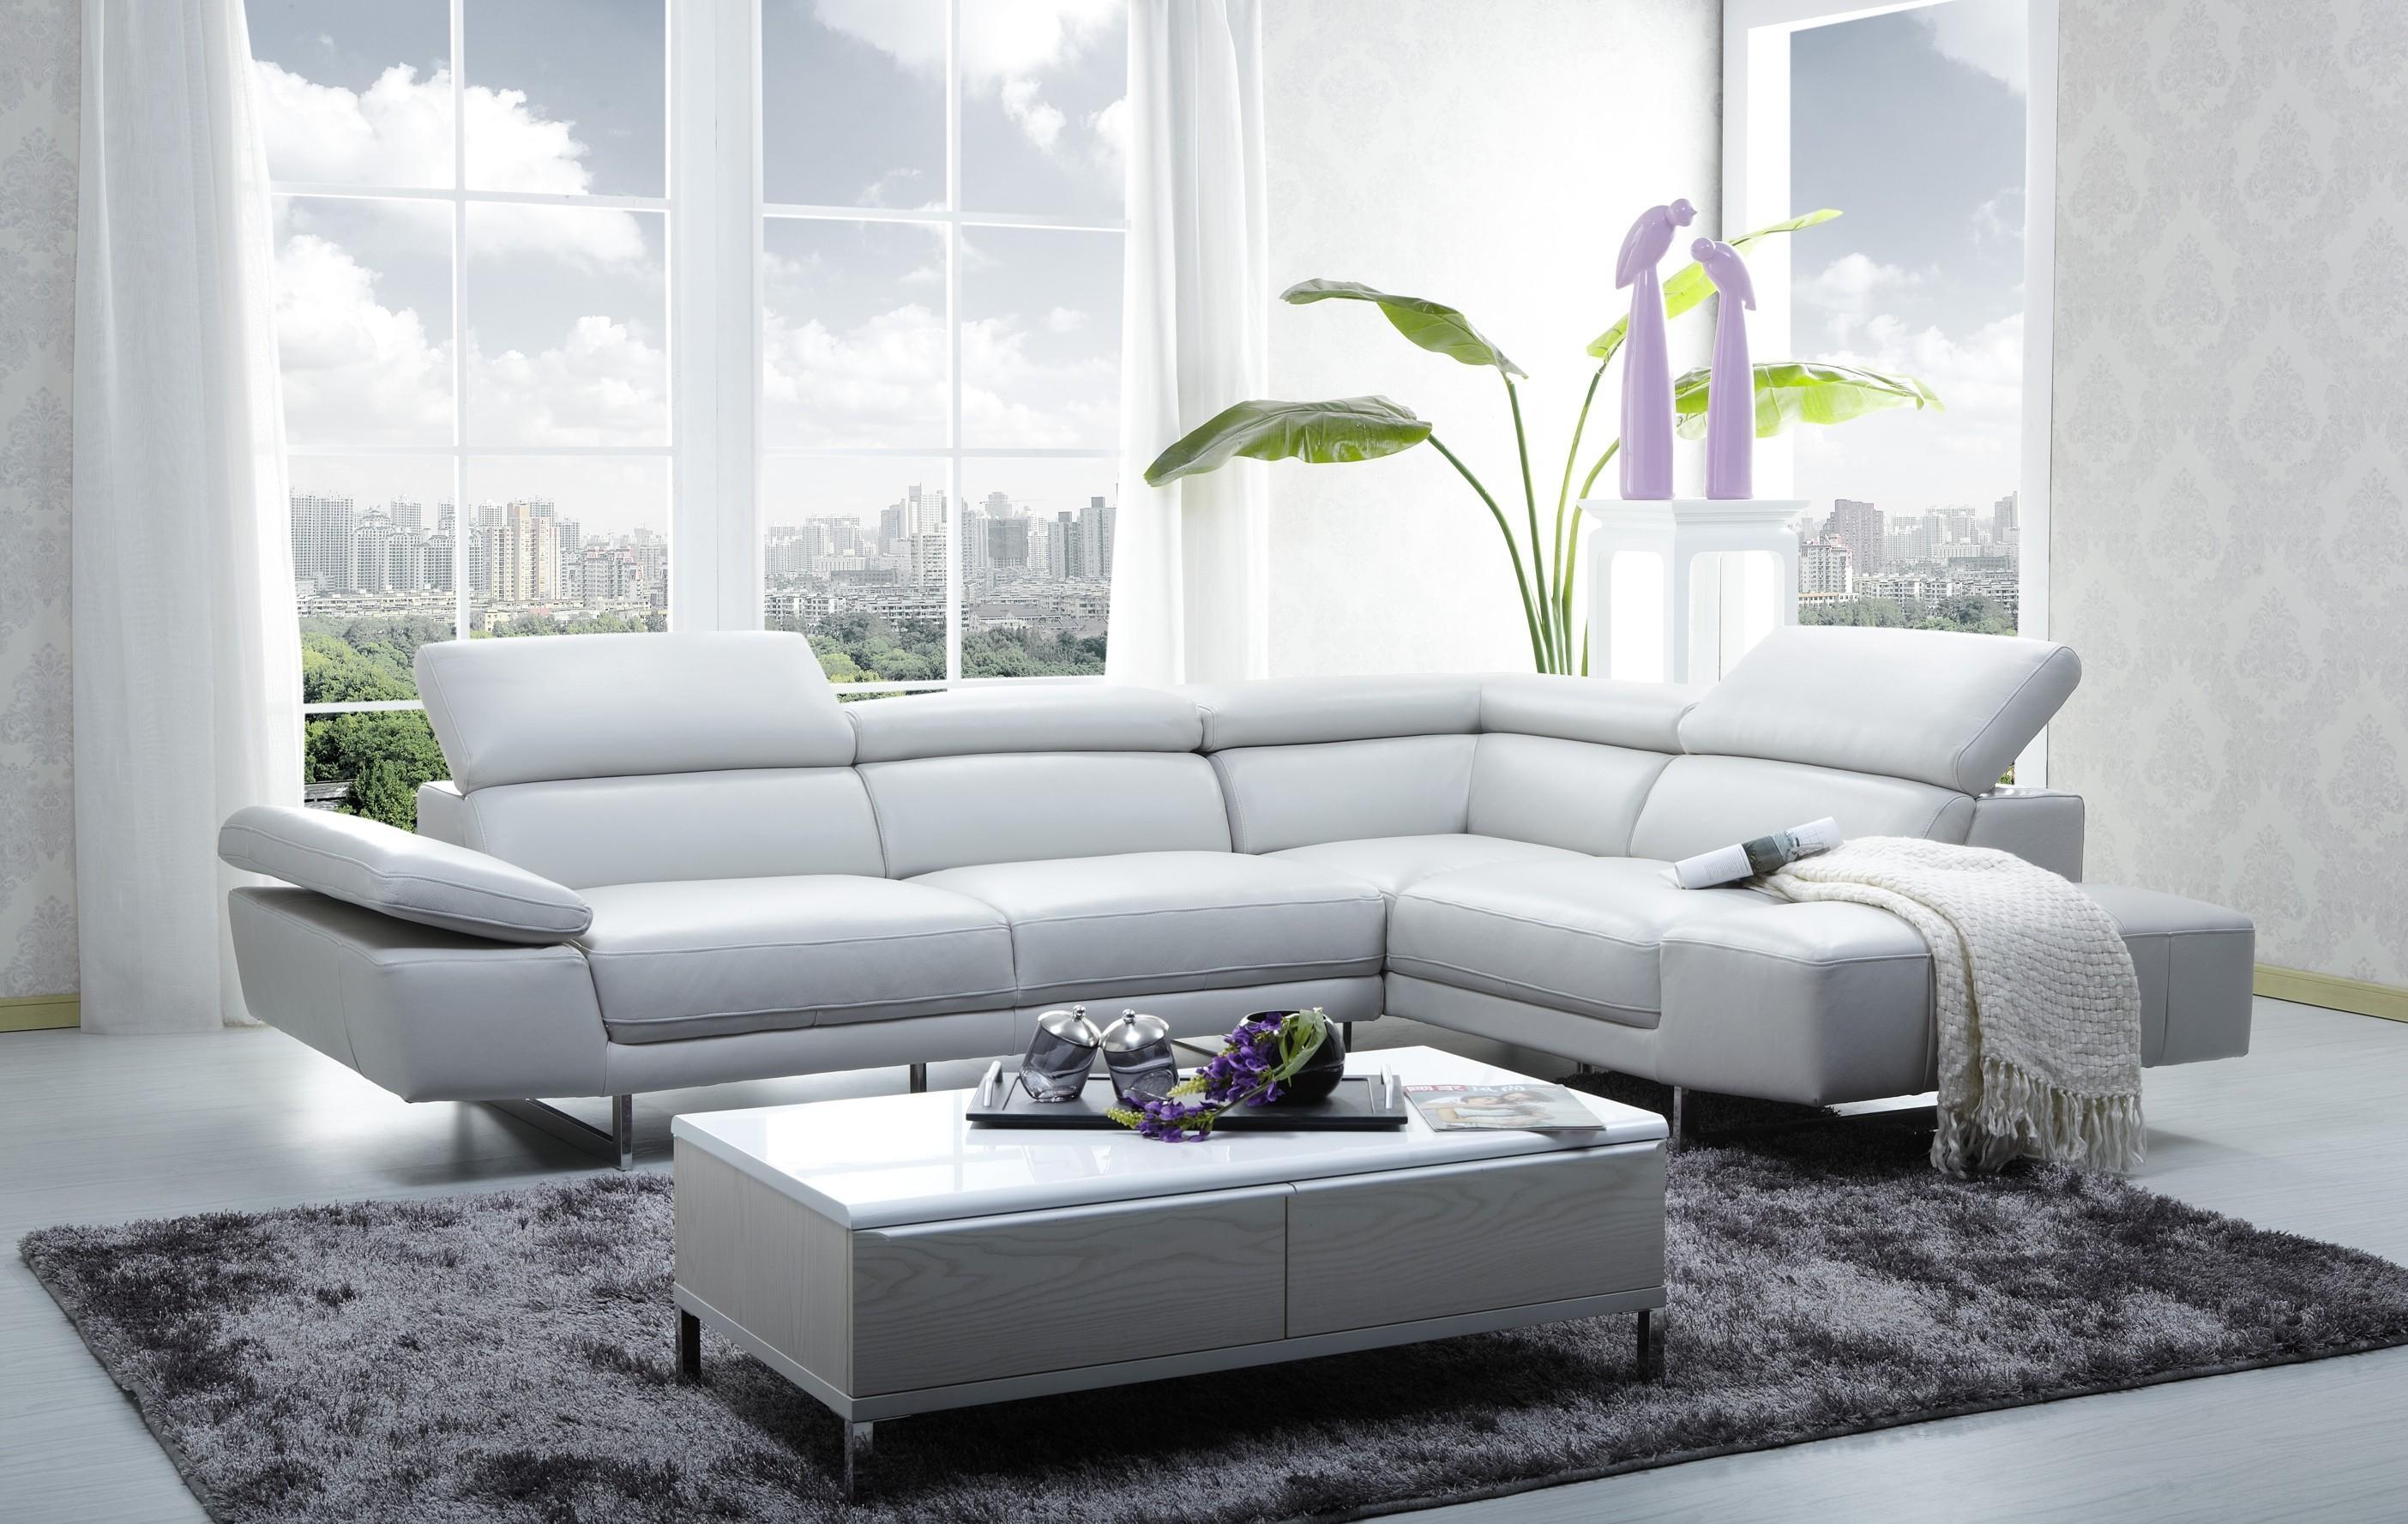 Modern Sofa Slipcovers Sofas And Loveseats White | Deseosol Inside Modern Sofas (Image 15 of 20)